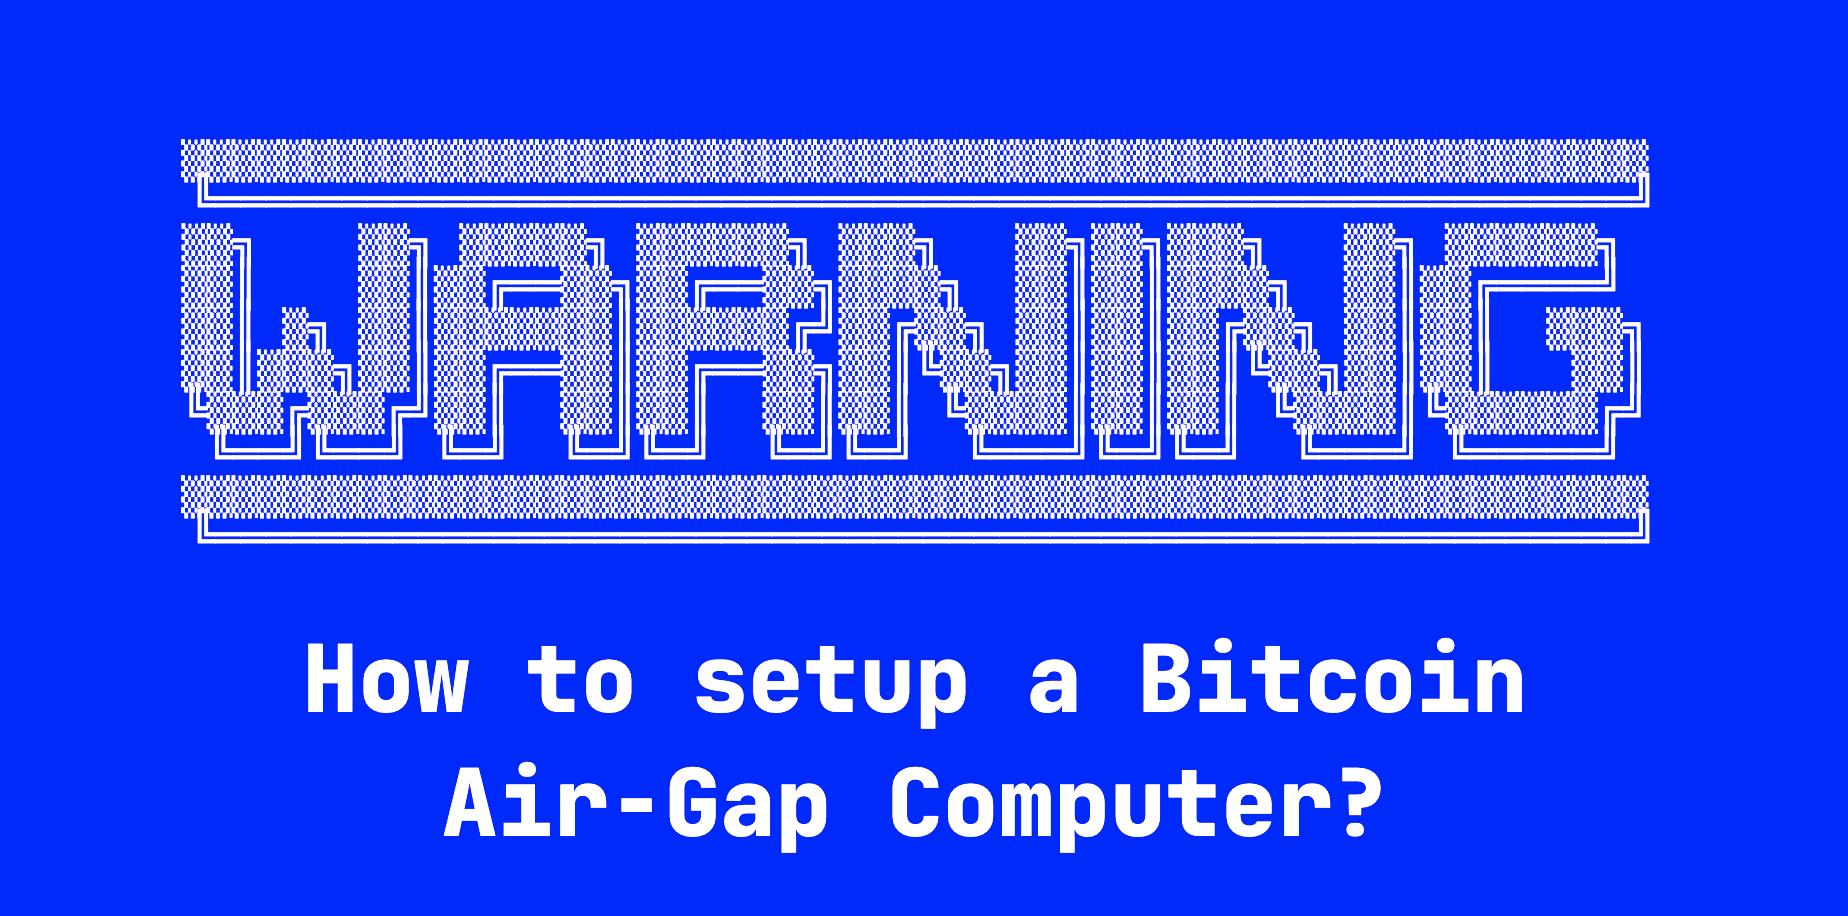 How to setup a Bitcoin Air-Gap Computer